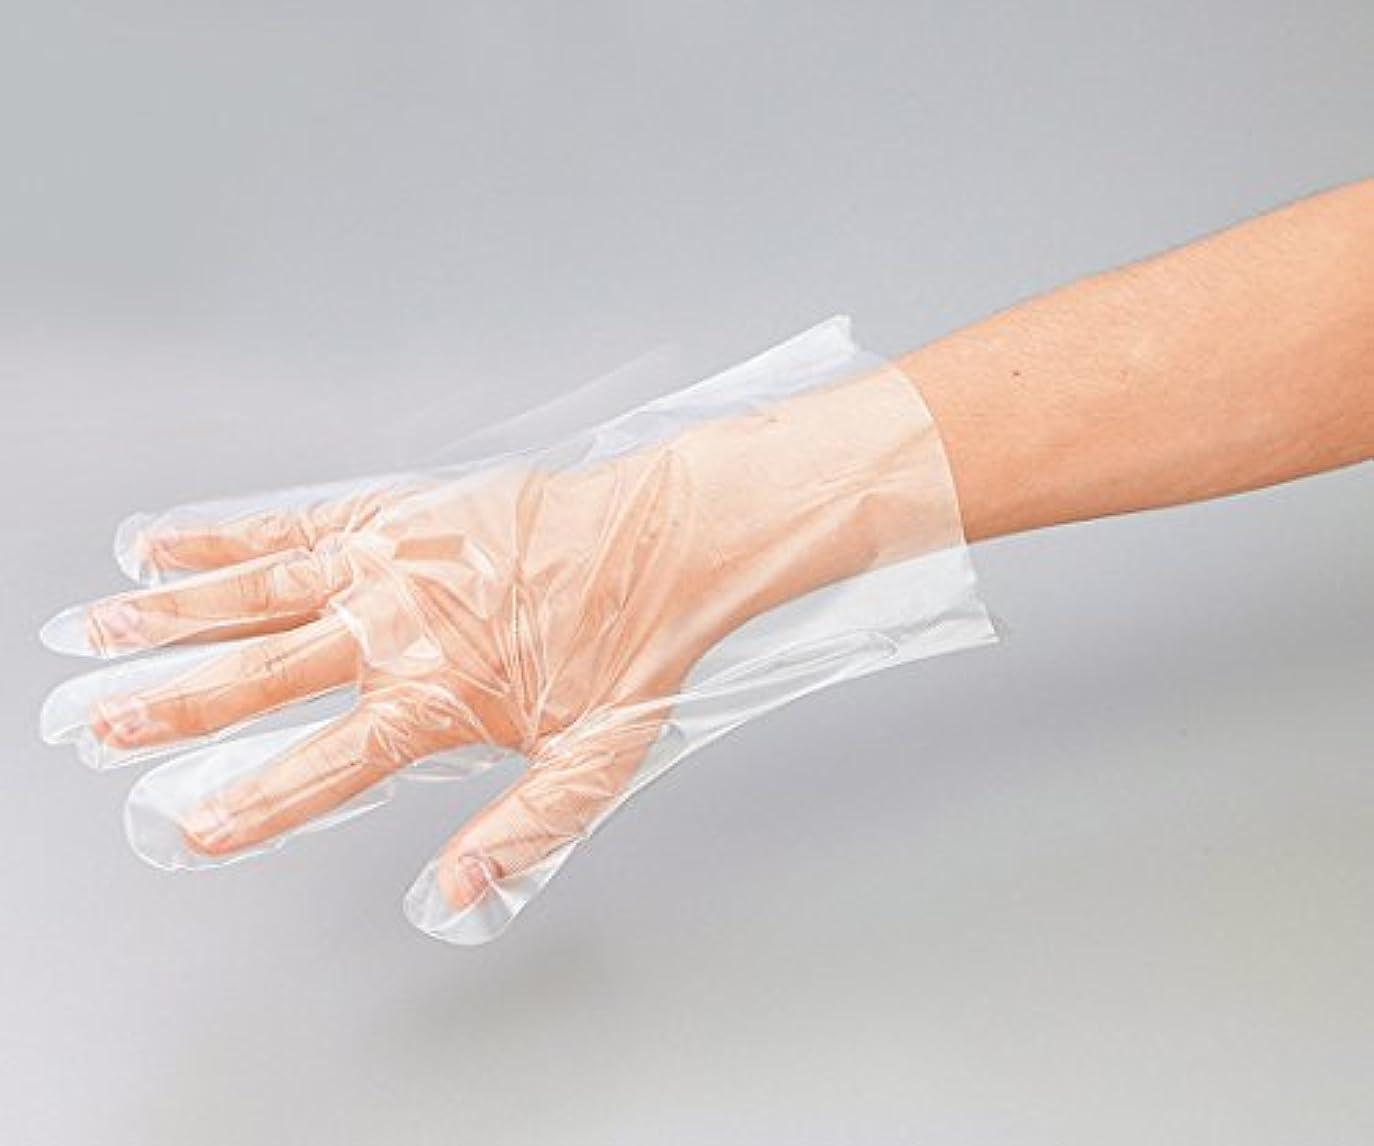 議題制限された例外プロシェア ポリエチレン手袋 エンボス無 L /8-2587-01